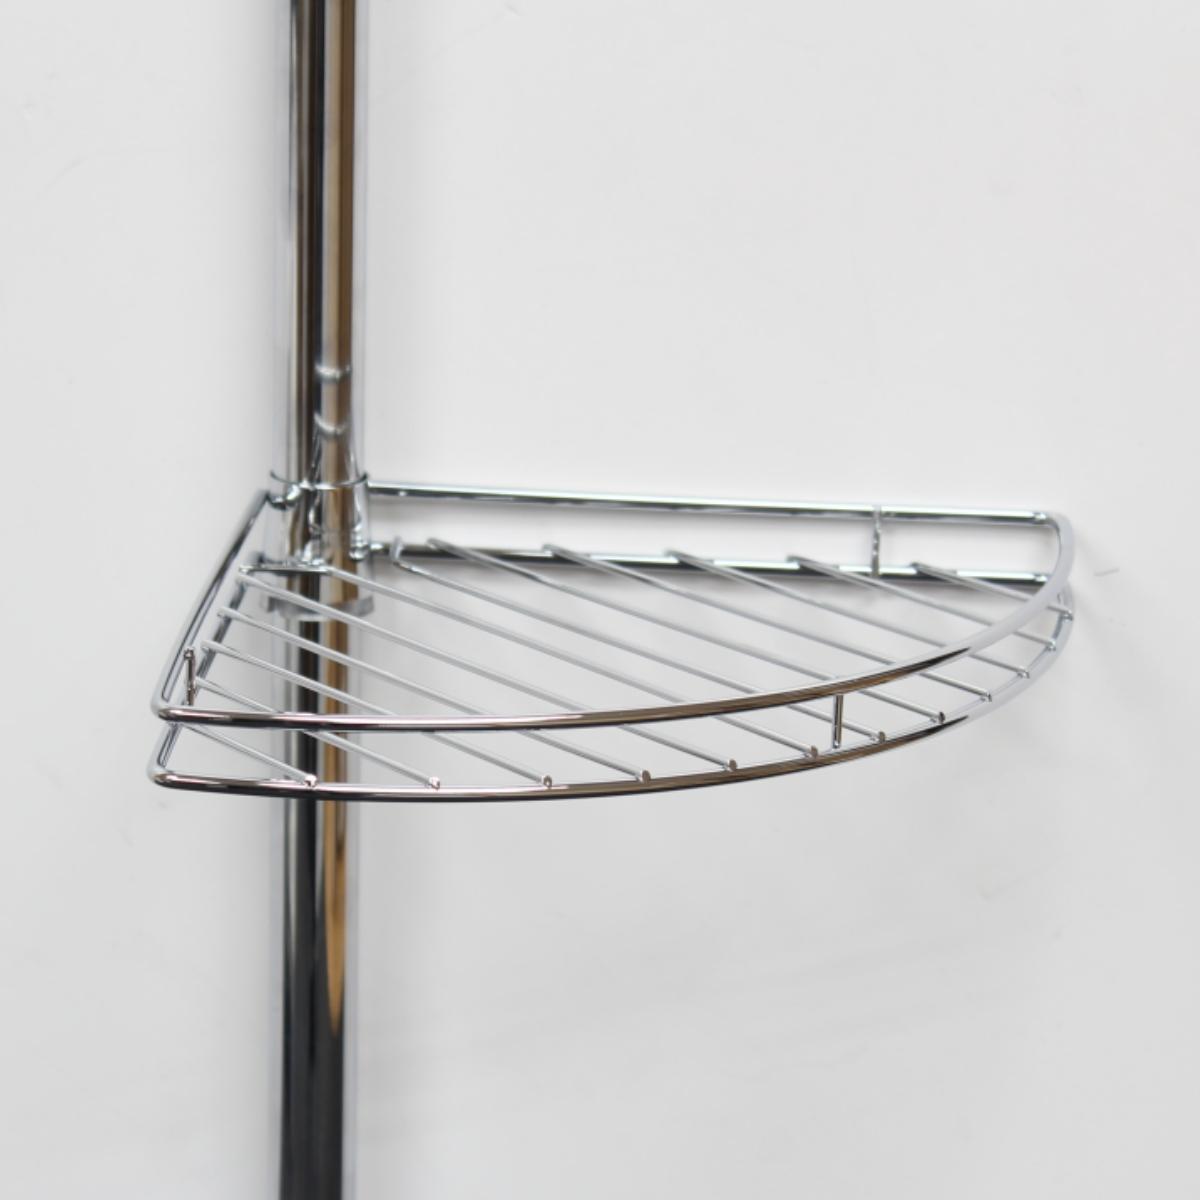 METAL CORNER SHOWER/BATHROOM TIDY BASKET CADDY/SHELF ... on Bathroom Corner Shelf  id=88220